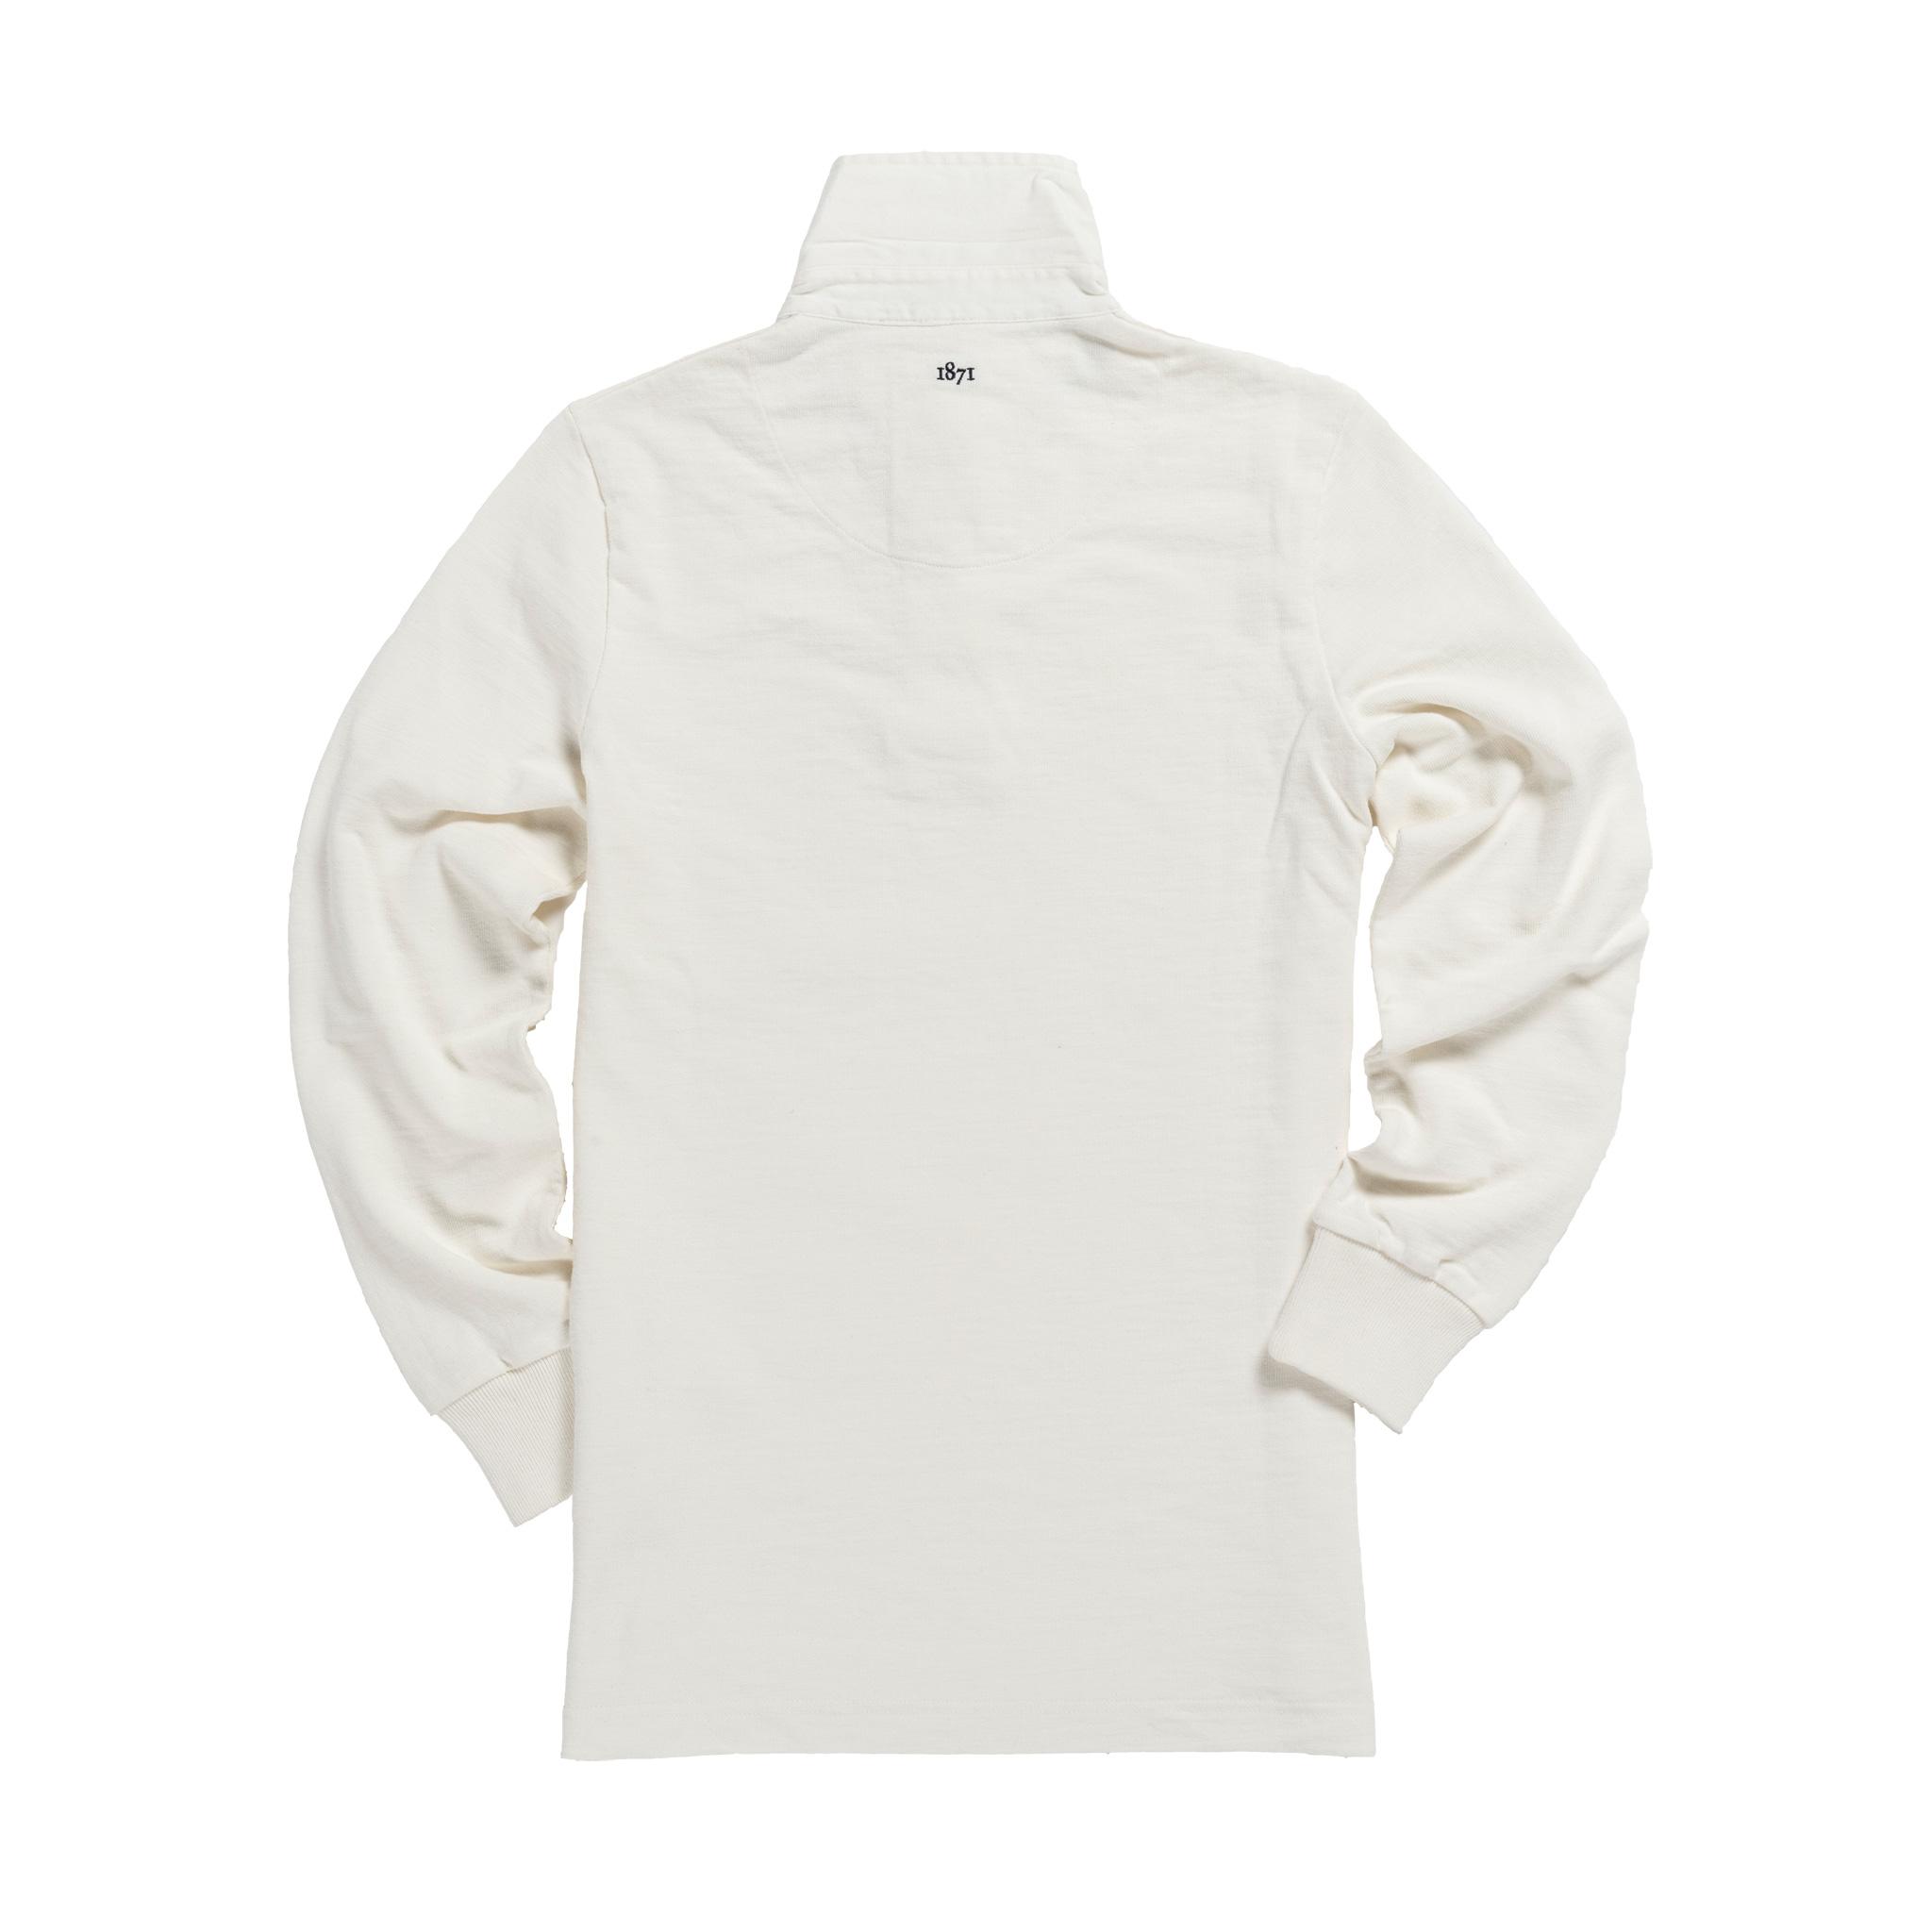 England 1871 Vintage Rugby Shirt_Back